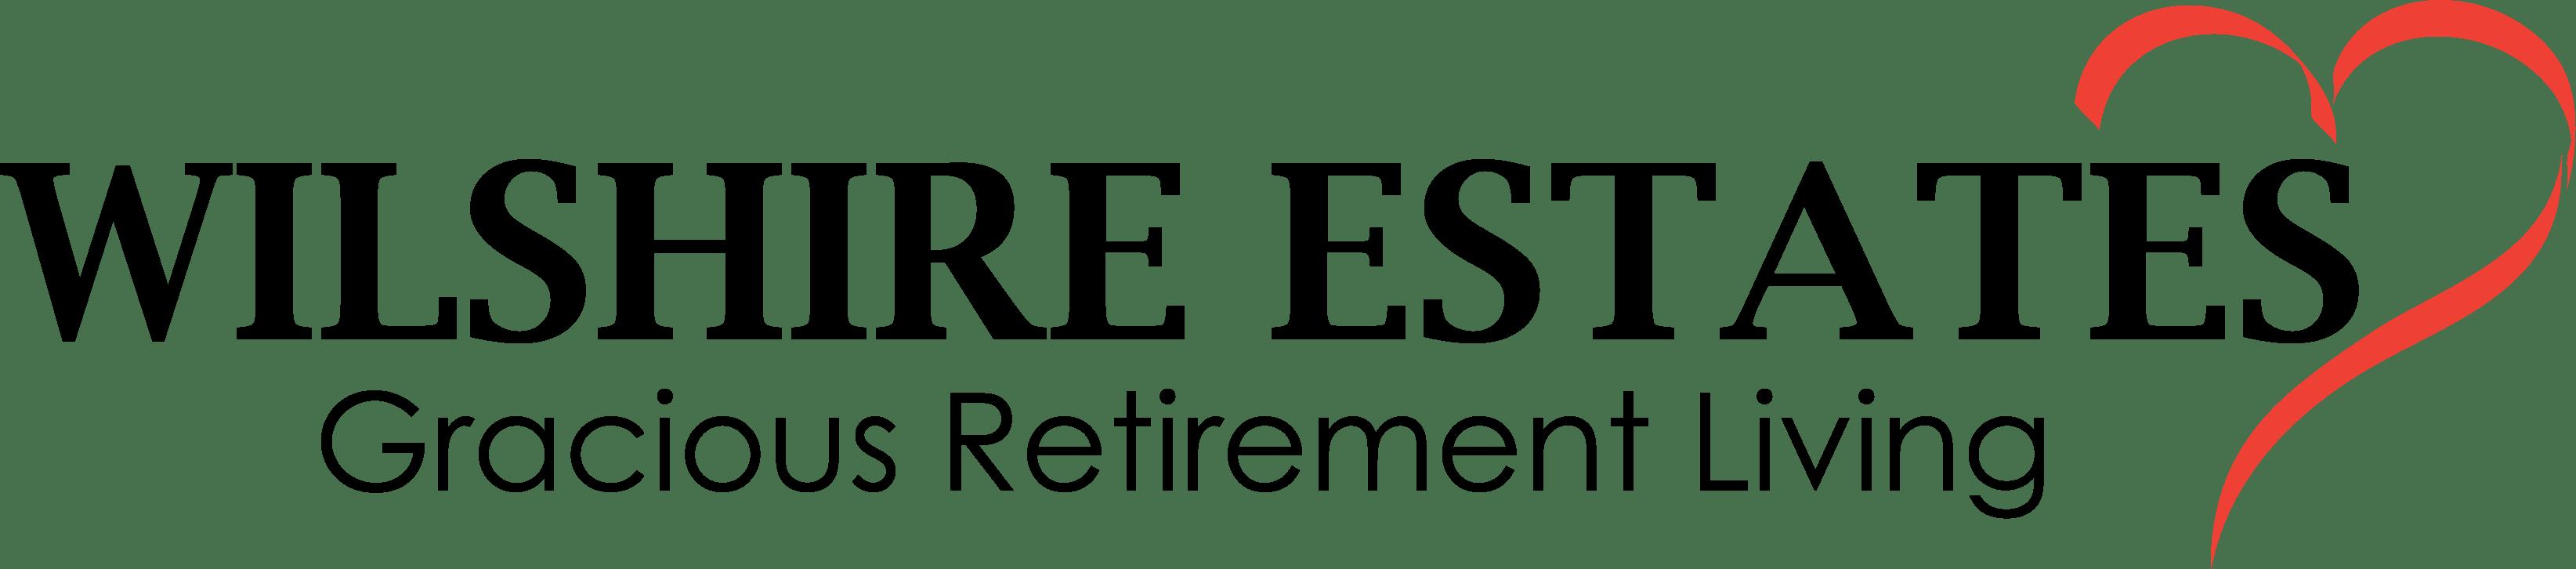 Wilshire Estates Gracious Retirement Living